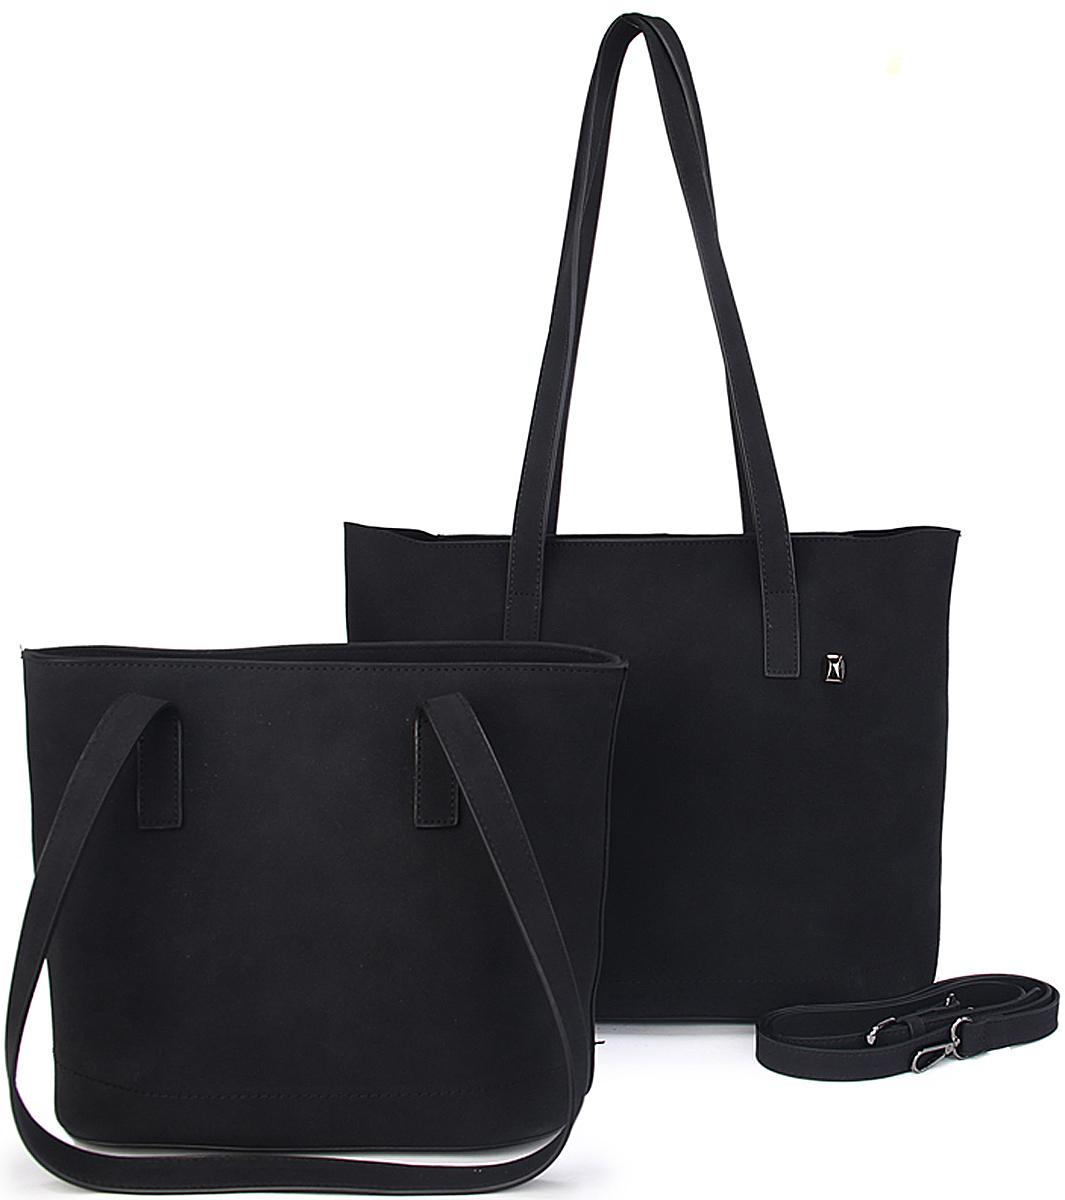 Сумка женская OrsOro, с маленькой сумкой, цвет: черный. D-411/1BM8434-58AEДве сумки OrsOro выполнены из высококачественной искусственной кожи. Сумки закрывается на молнию. Внутри большой сумки расположено главное отделение без подкладки и накладной карман на молнии.В маленькой сумке с подкладкой есть внутренний карман на молнии, 2 внутренних кармана для телефона.